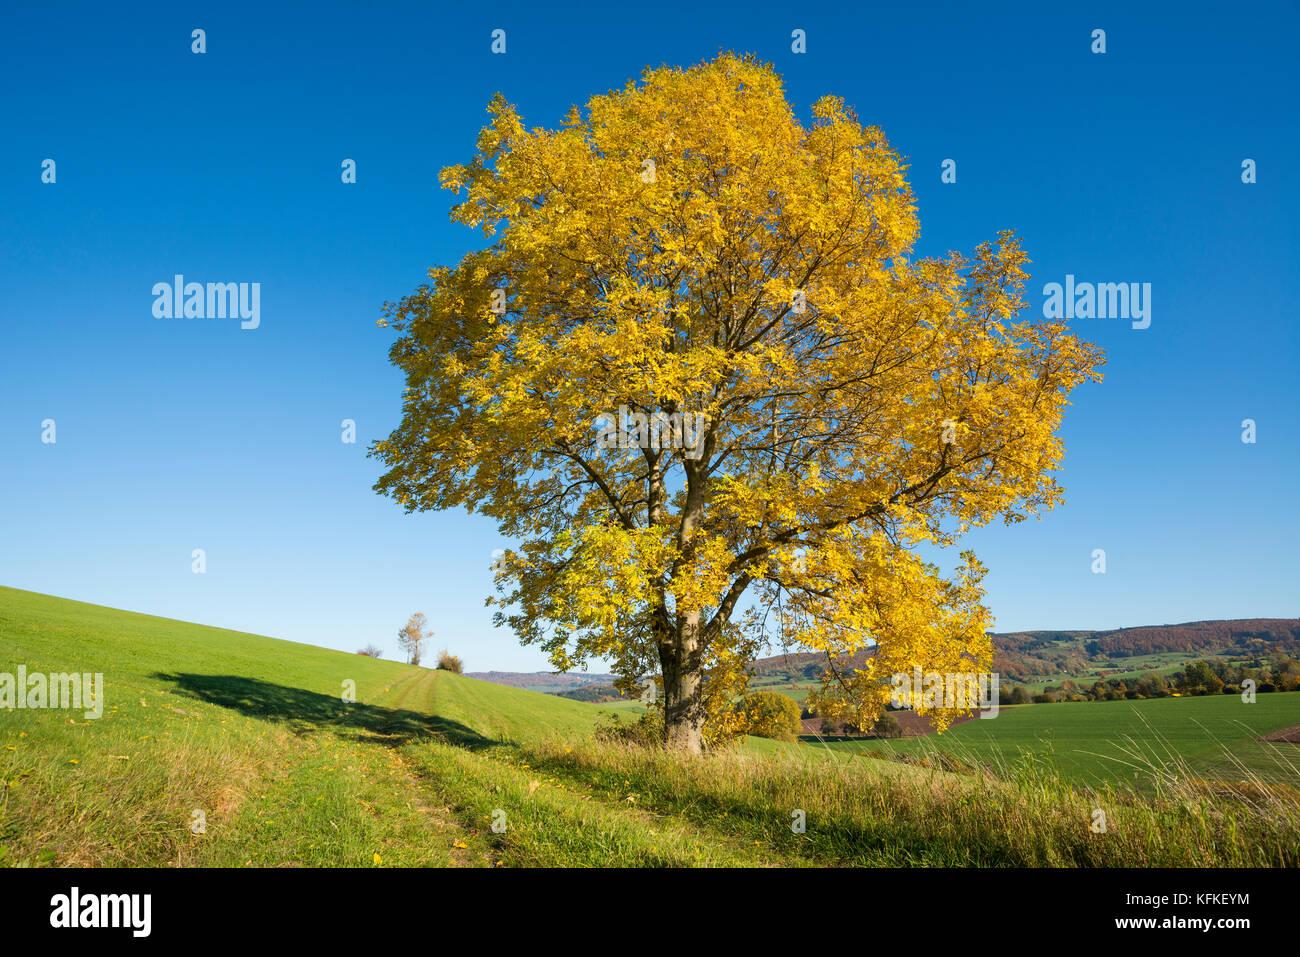 Europäische Esche (Fraxinus excelsior), einsamer Baum im Herbst, Biosphärenreservat Rhön, Hessen Stockbild